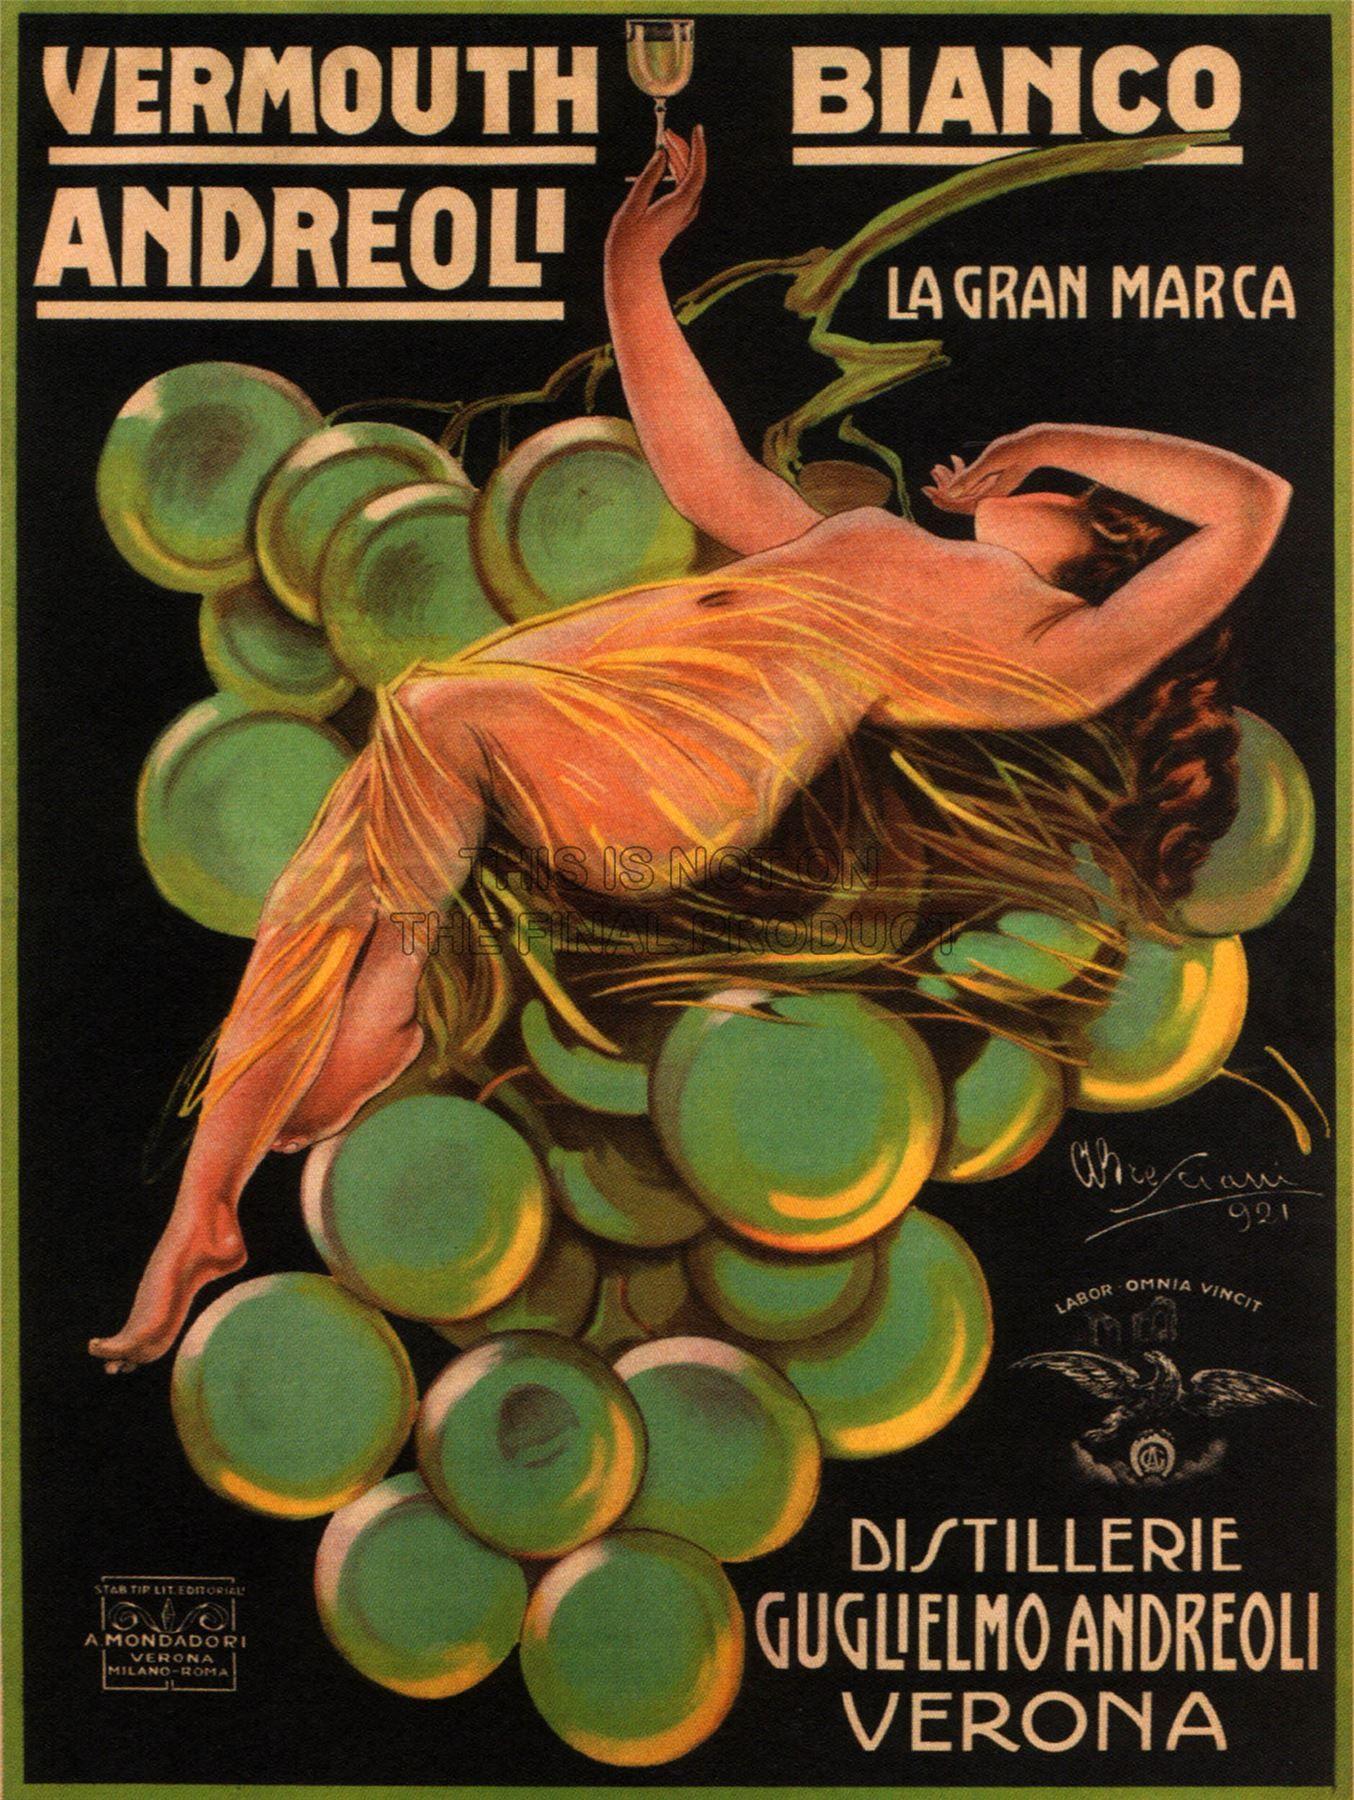 http://www.ebay.com/itm/VERMOUTH-ANDREOLI-VERONA-ITALY ...